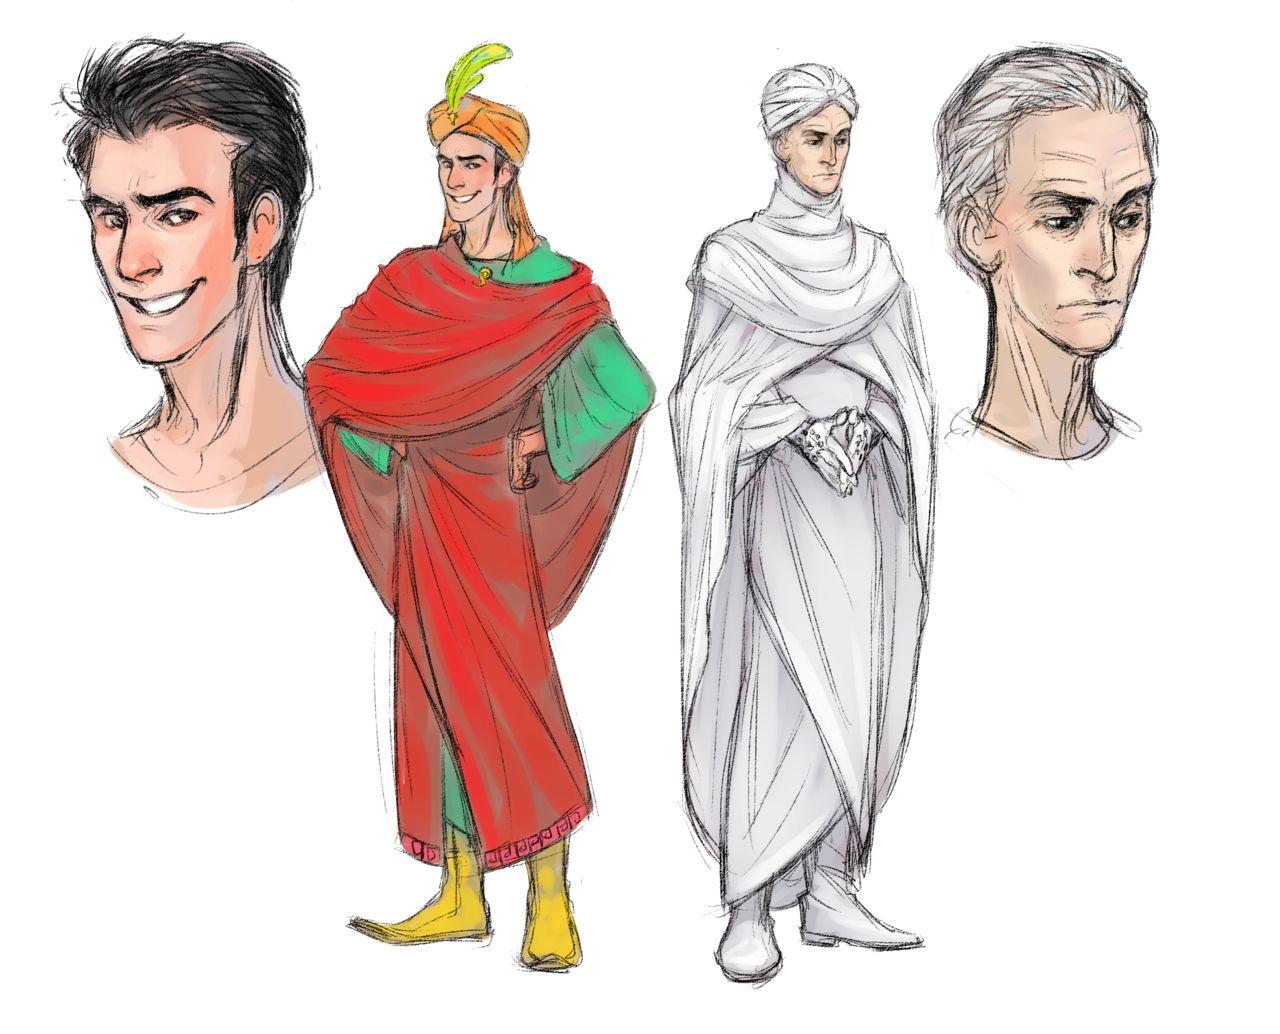 персонажи макса фрая картинки сравнение с актерами эти чикен-роллы